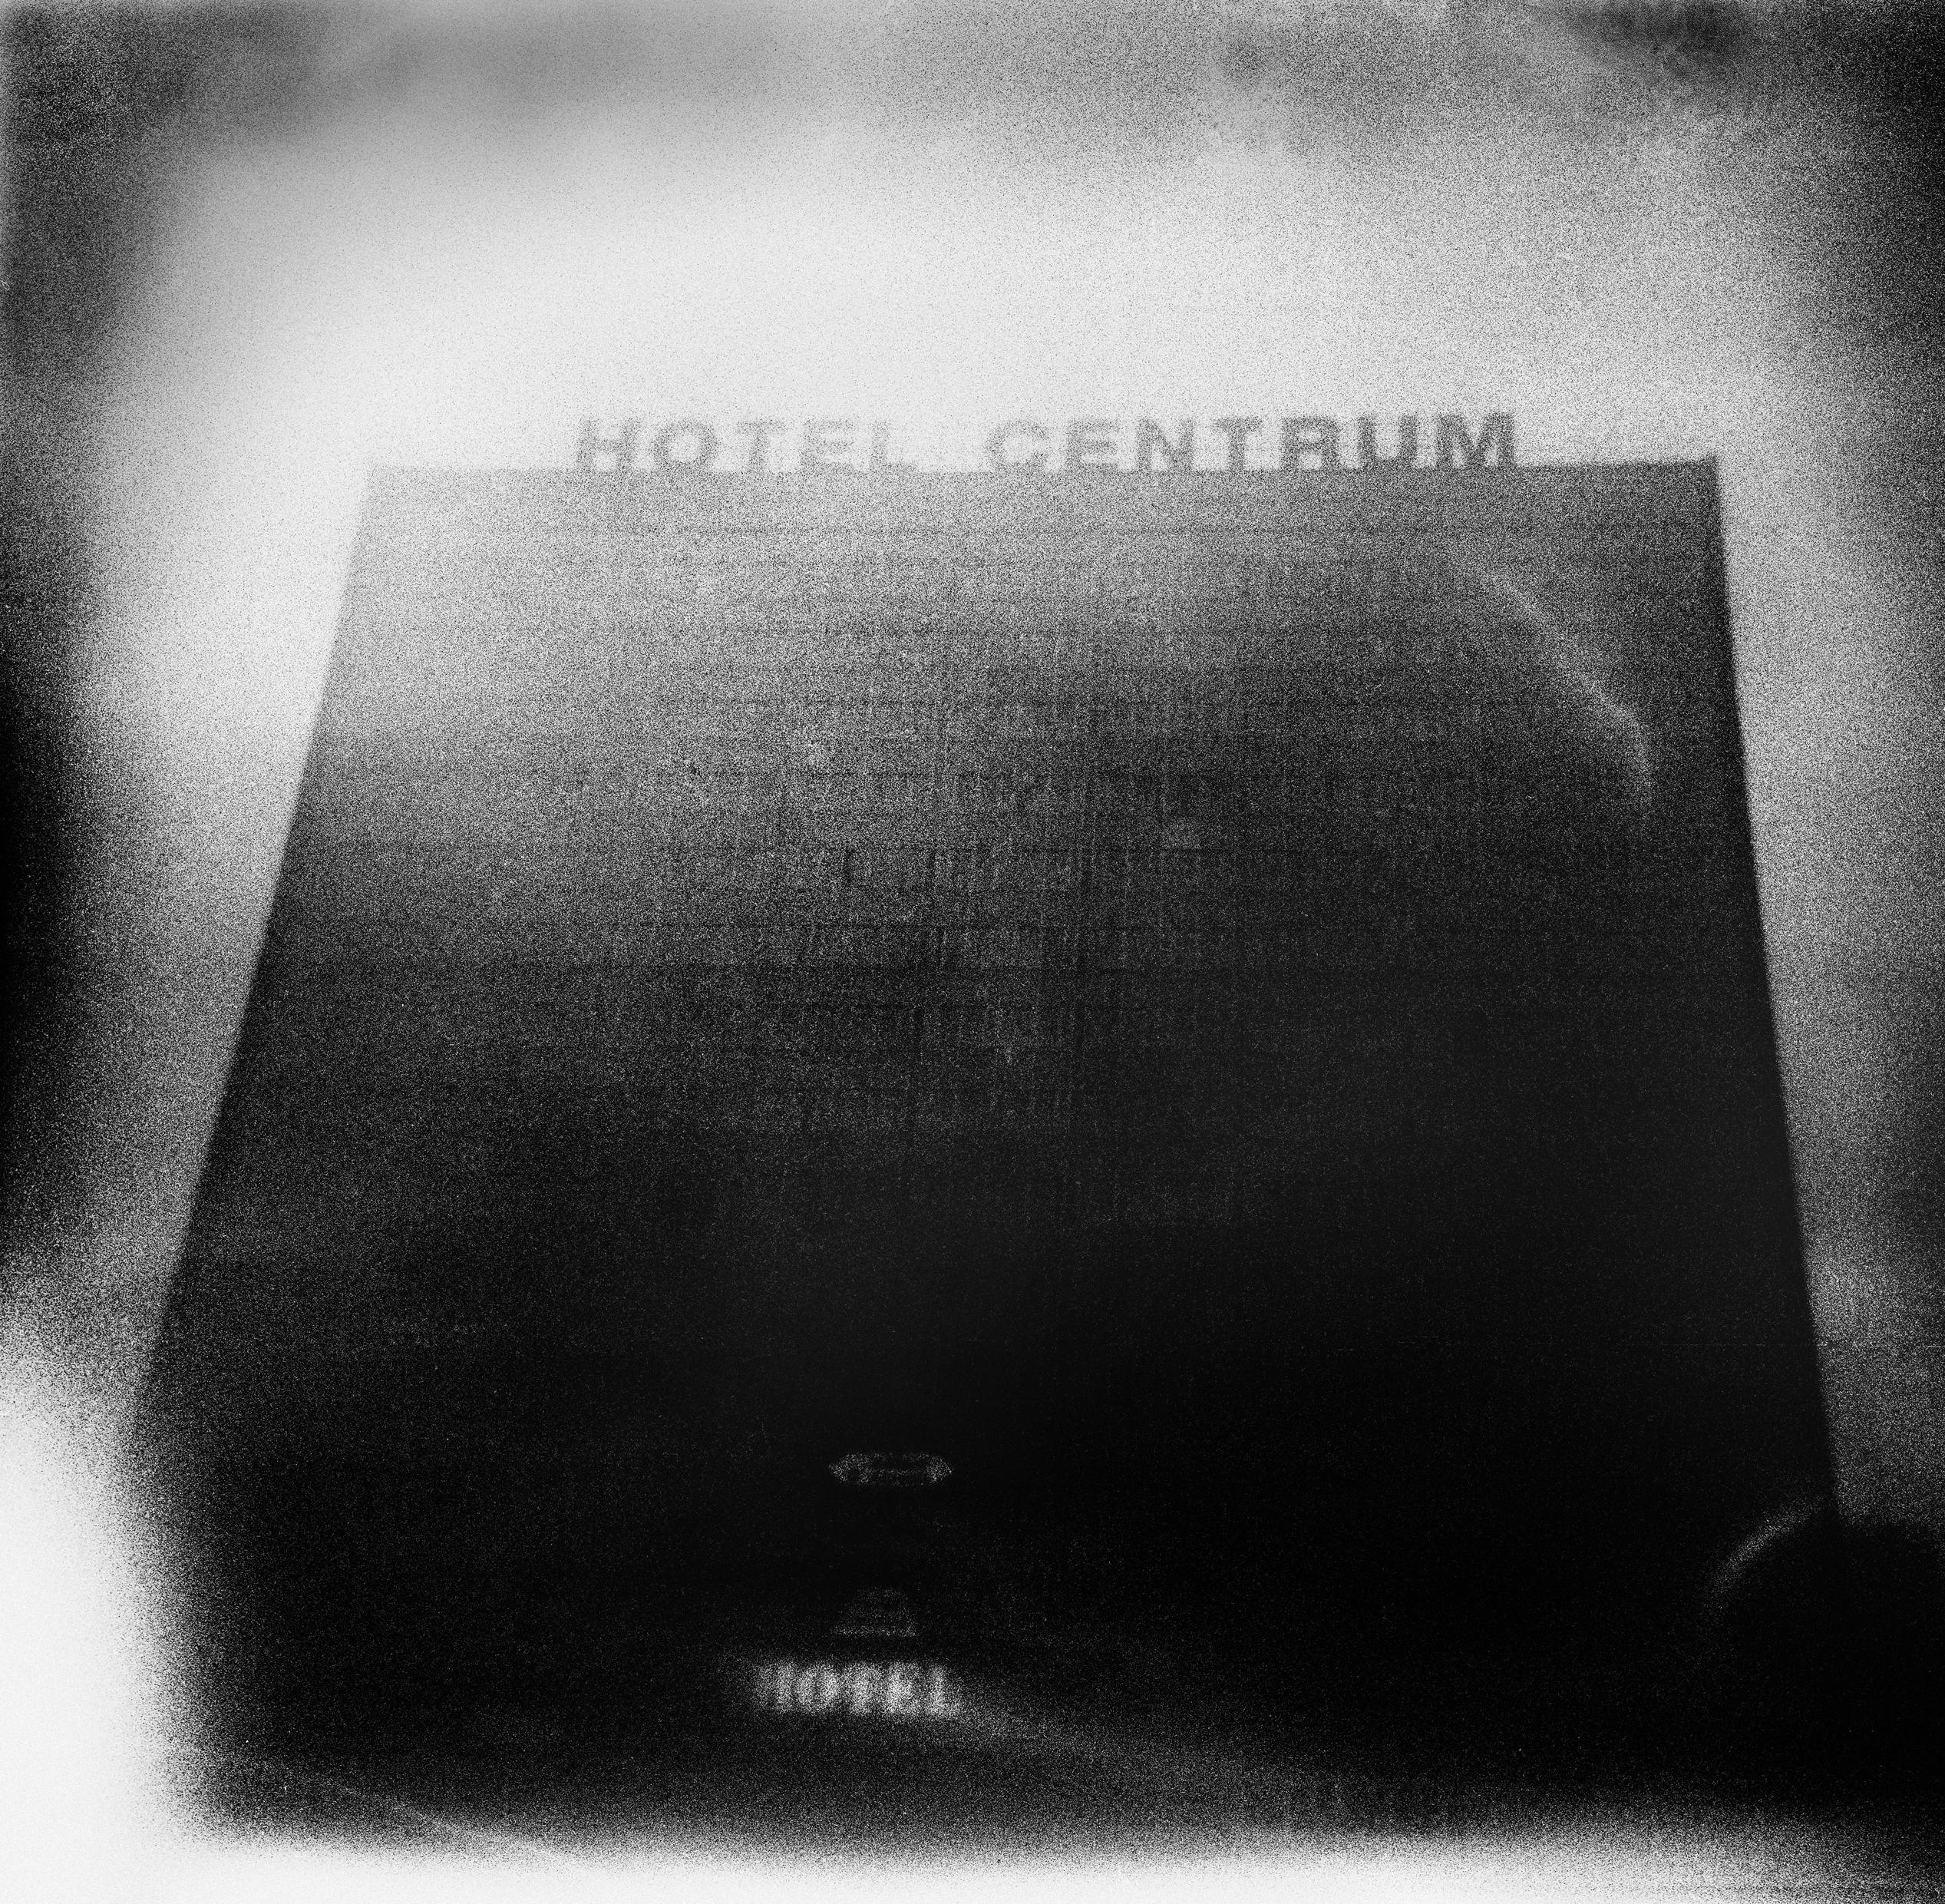 hotel-centrum